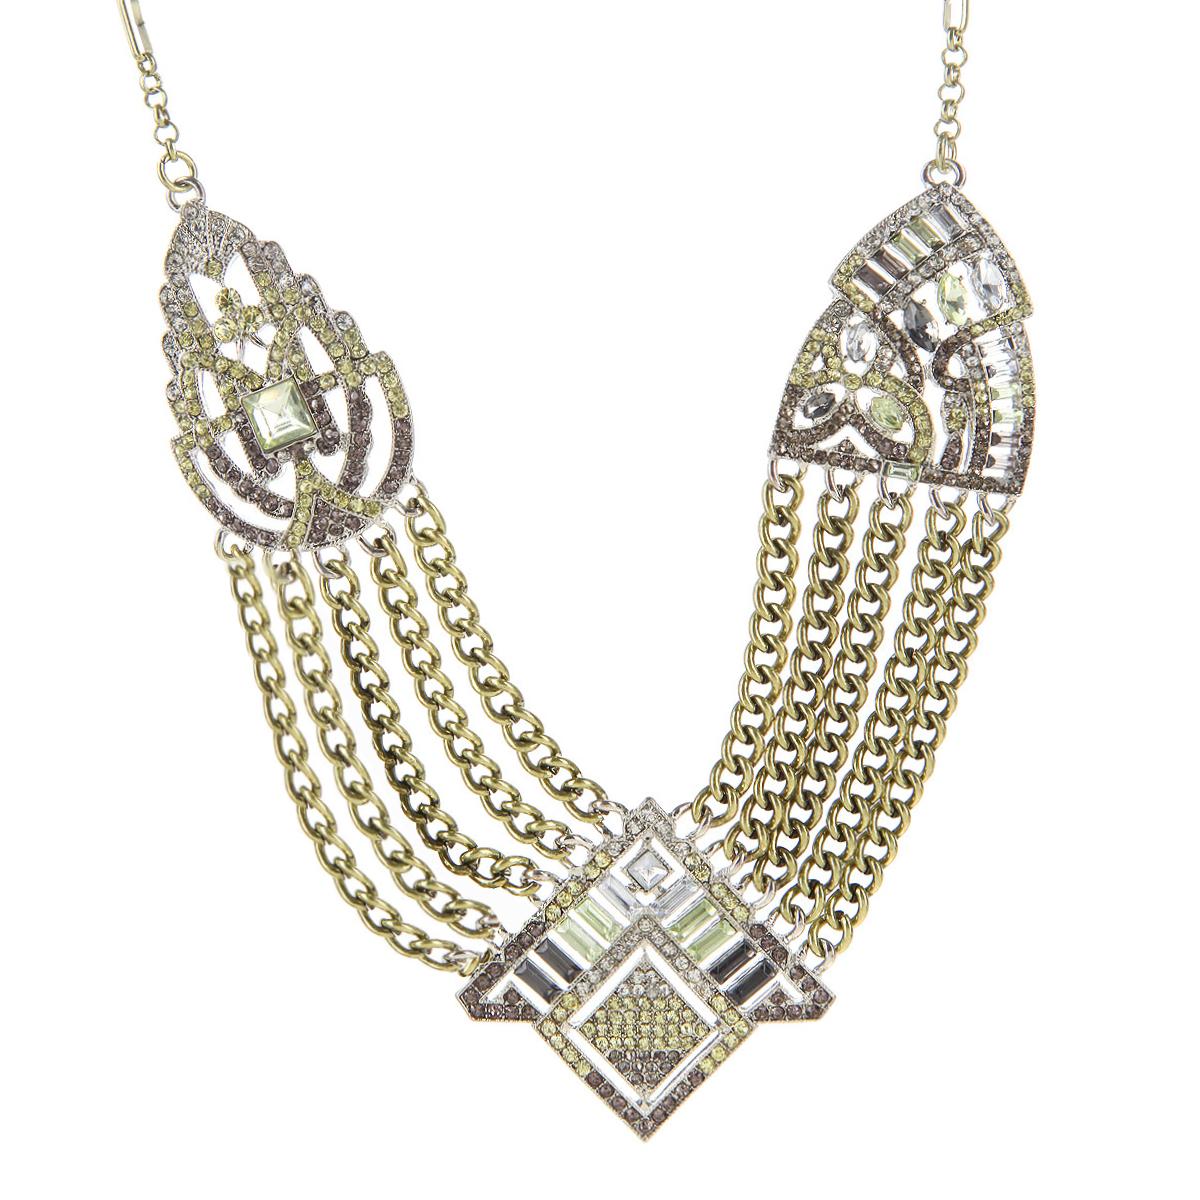 Колье Milana Style, цвет: бронза. 00873xl39890|Колье (короткие одноярусные бусы)Стильное колье выполнено из бижутерного сплава. Колье состоит из металлических цепочек, в центре которых массивная треугольная подвеска, декорированная стразами и искусственным камнем. По бокам от центра отходят пять крупных цепочек и соединяются с декоративными элементами в виде листков, так же украшенных стразами и камнями. Застежка - карабин. Длина регулируется.Материал: бижутерный сплав, пластик, искусственные камни. Красивое и элегантное украшение блестяще подчеркнет изящество, женственность и красоту своей обладательницы и придаст особенное очарование и стиль.